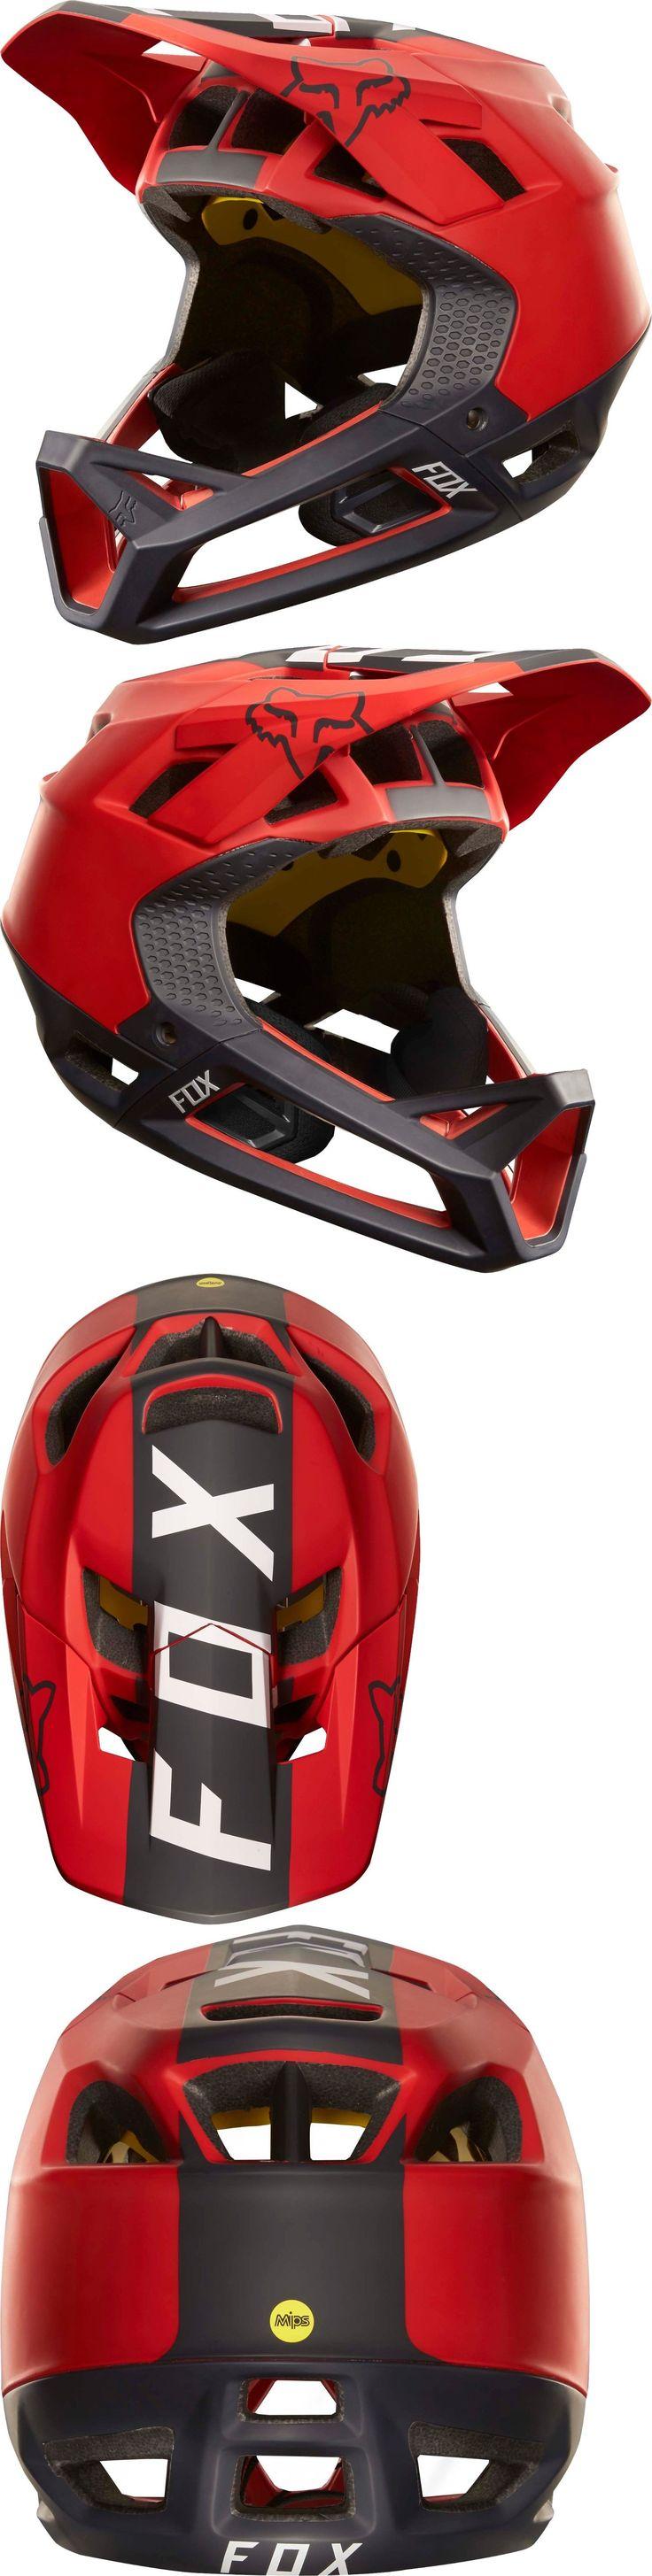 Helmets 70911: Fox Racing Proframe Libra Helmet Red/Black BUY IT NOW ONLY: $249.95